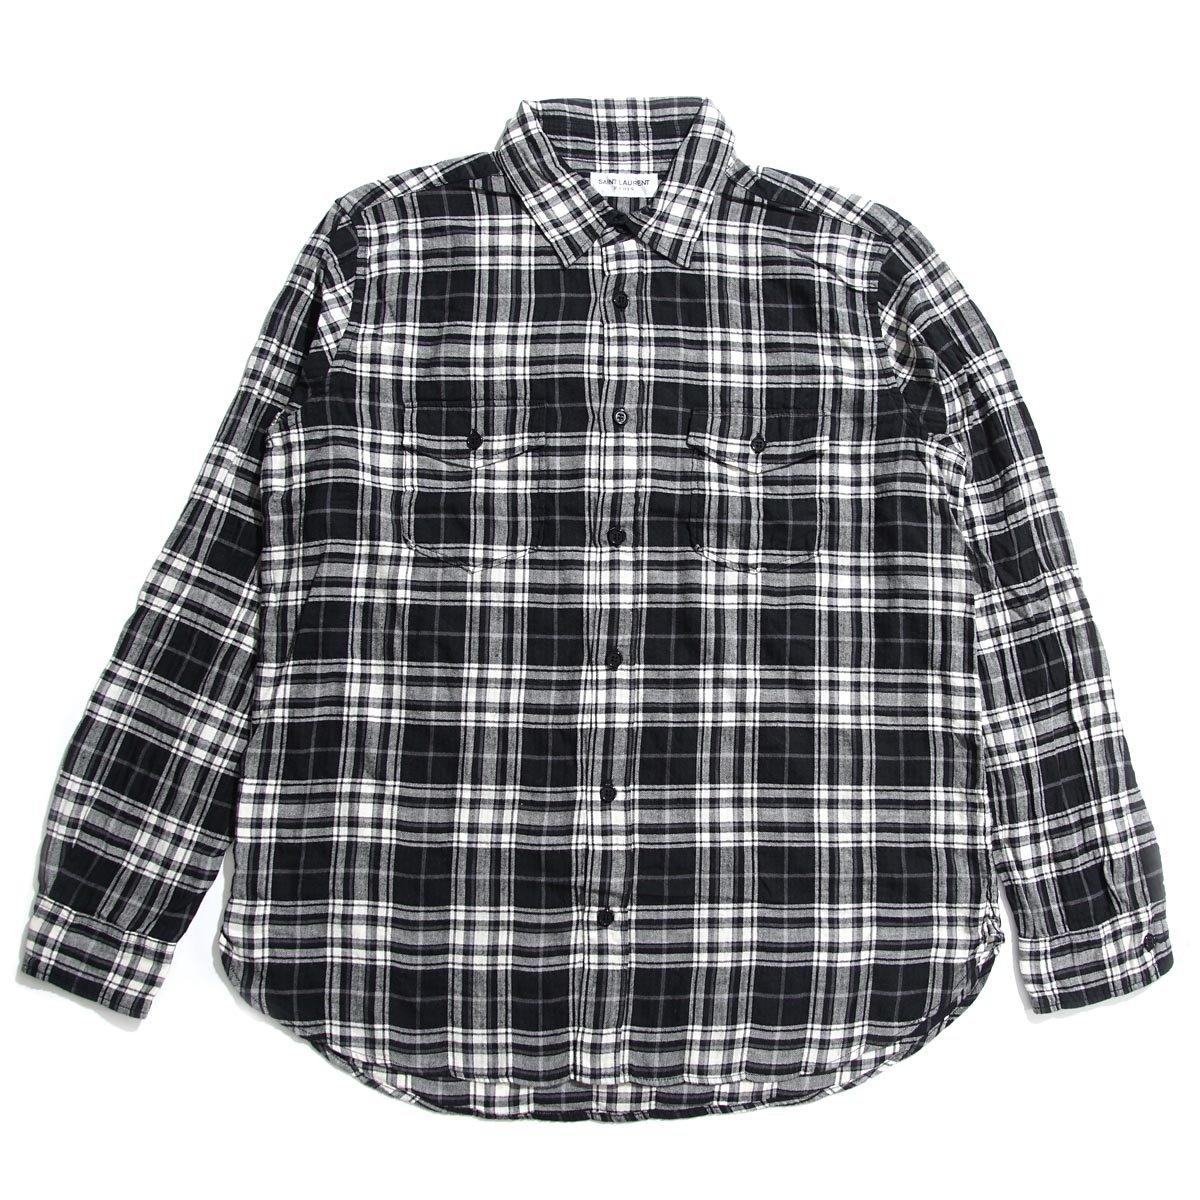 (サンローランパリ) SAINT LAURENT PARIS チェック柄 オーバーサイズ シャツ [並行輸入品] B07DVT1HN5  ブラック M